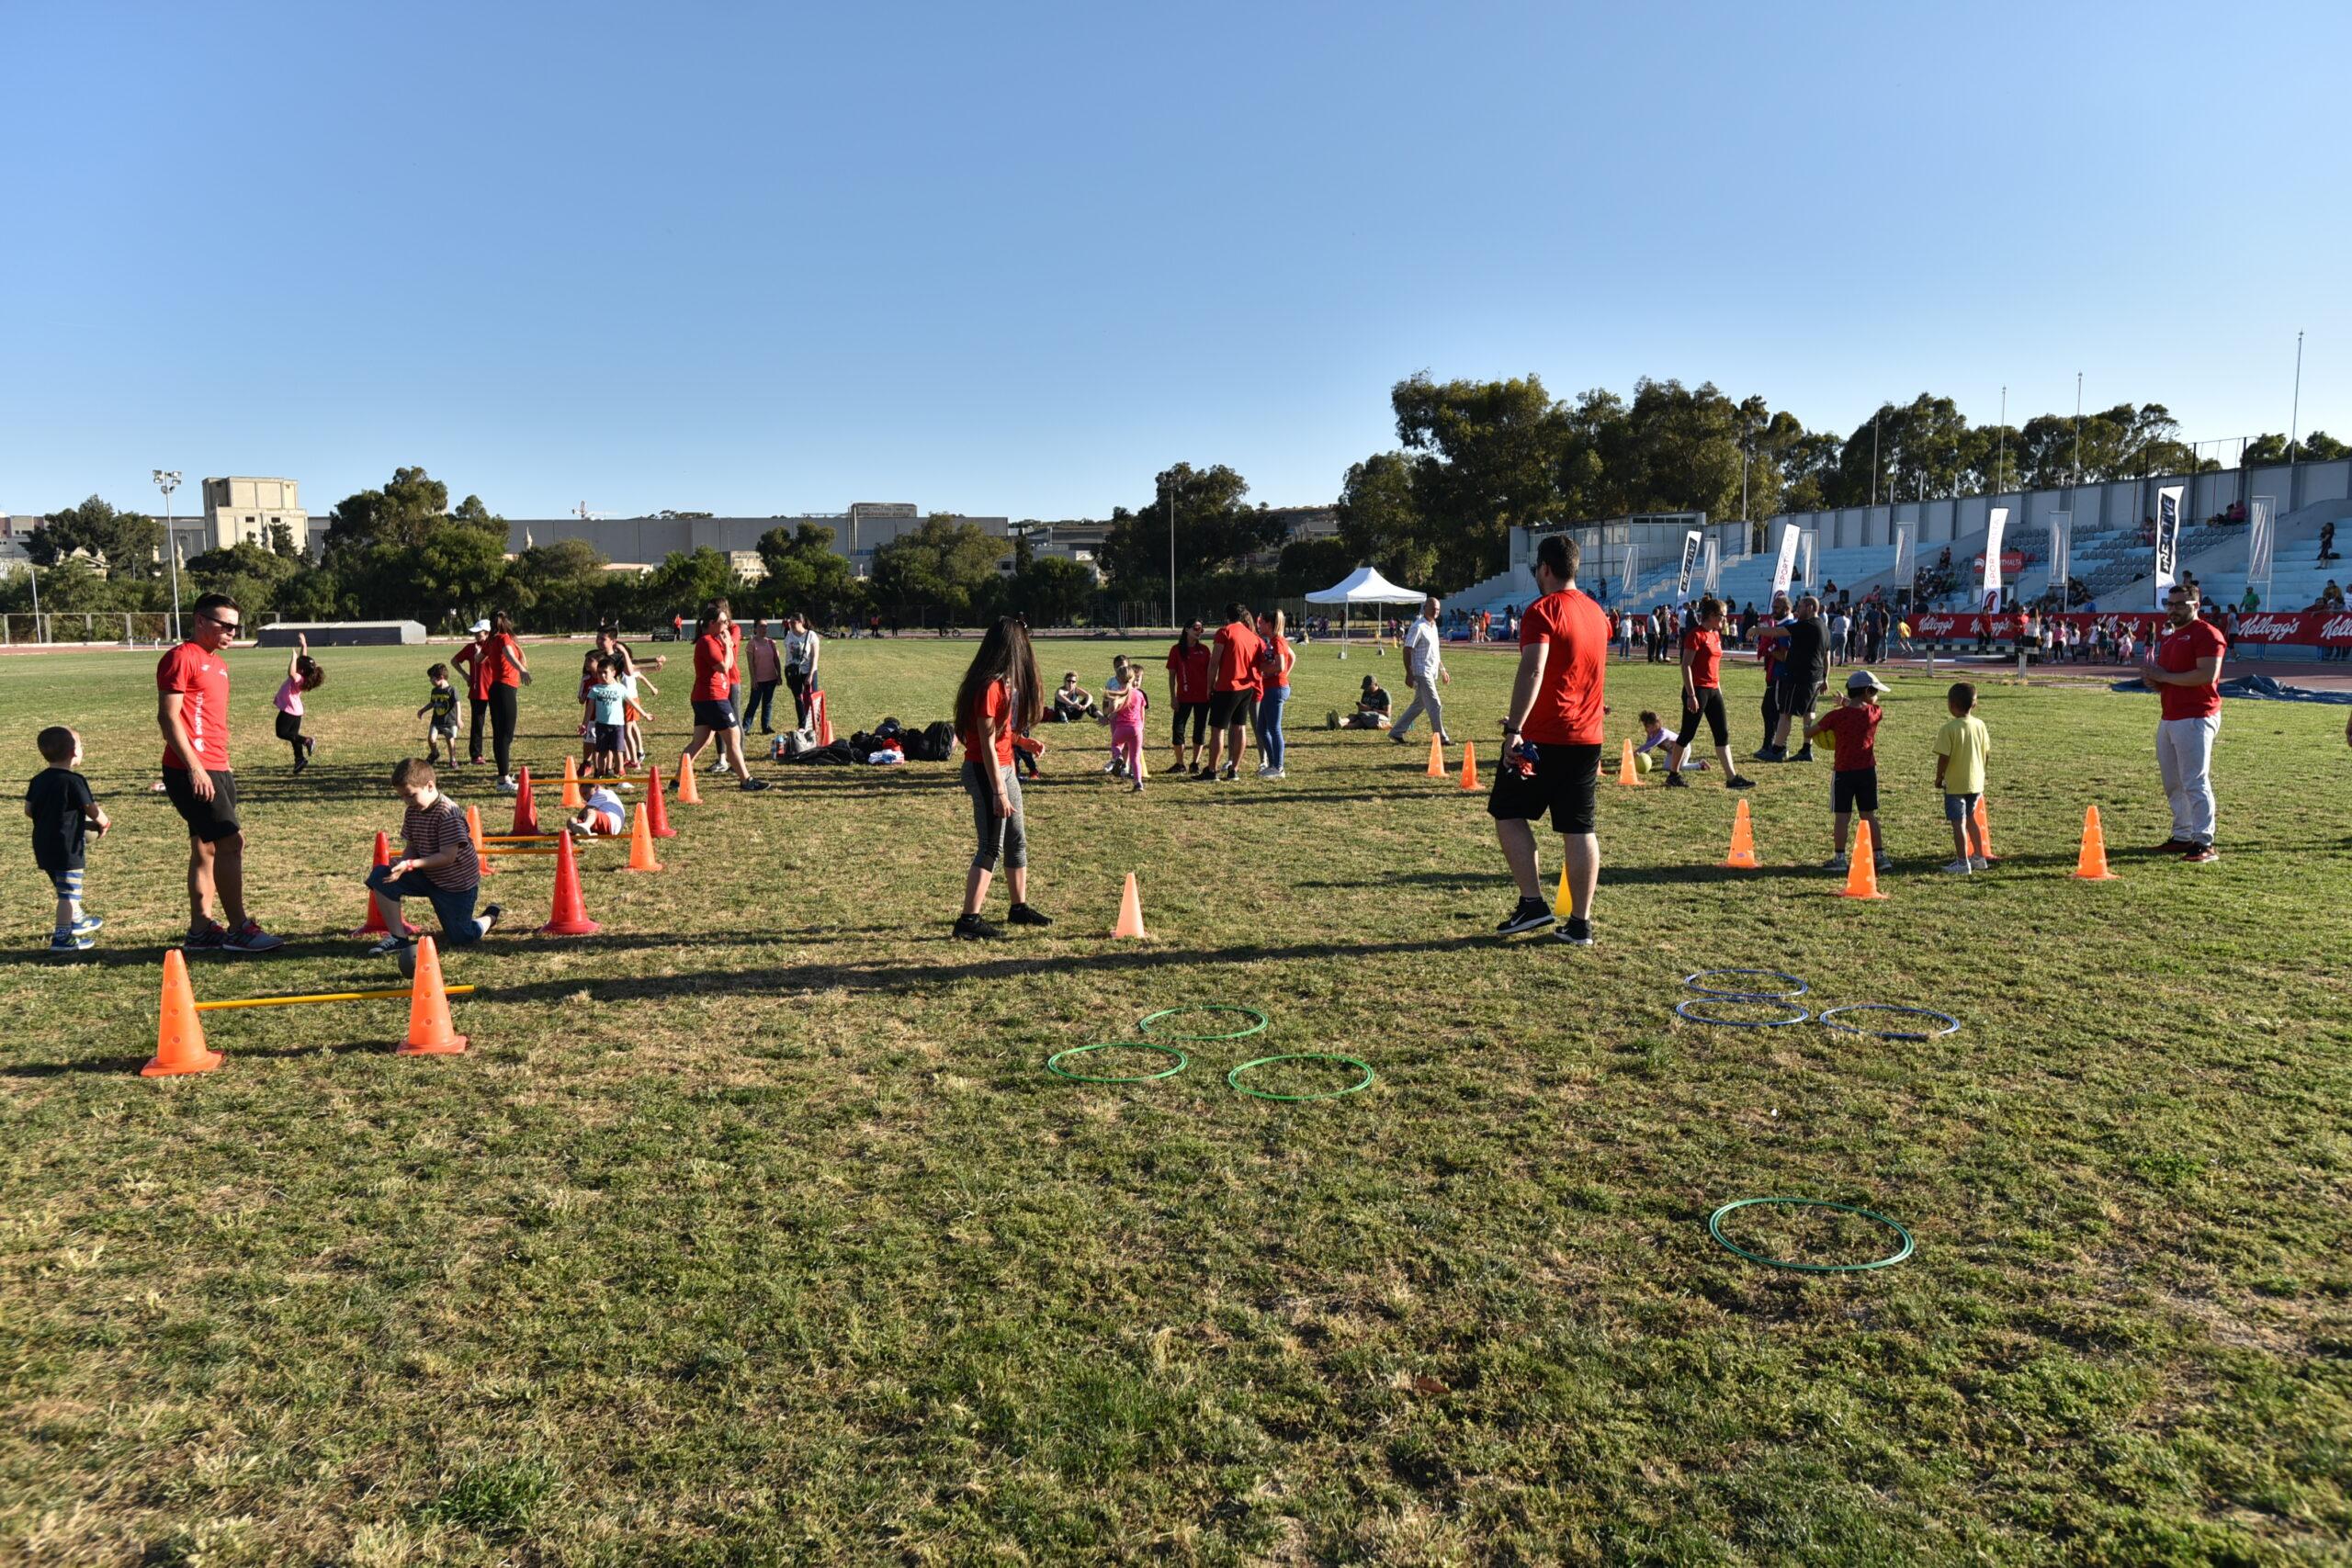 Children practicing different sports at Marsa Sports Ground